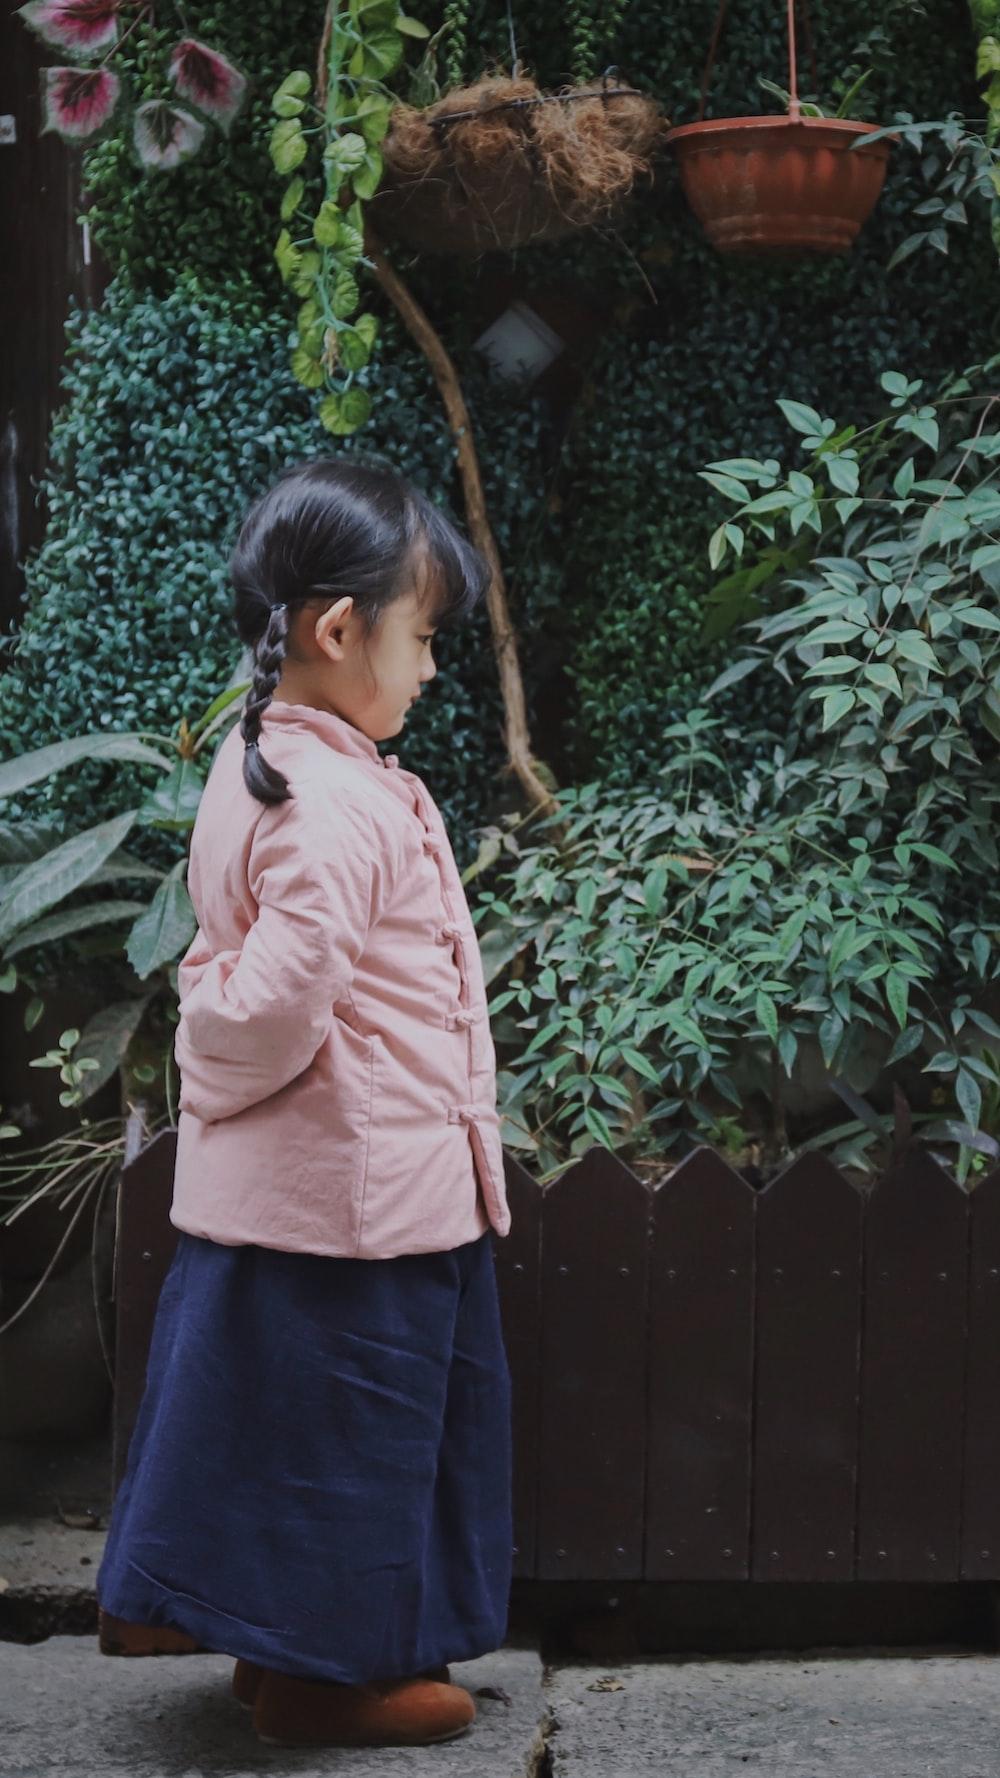 girl standing in front of garden